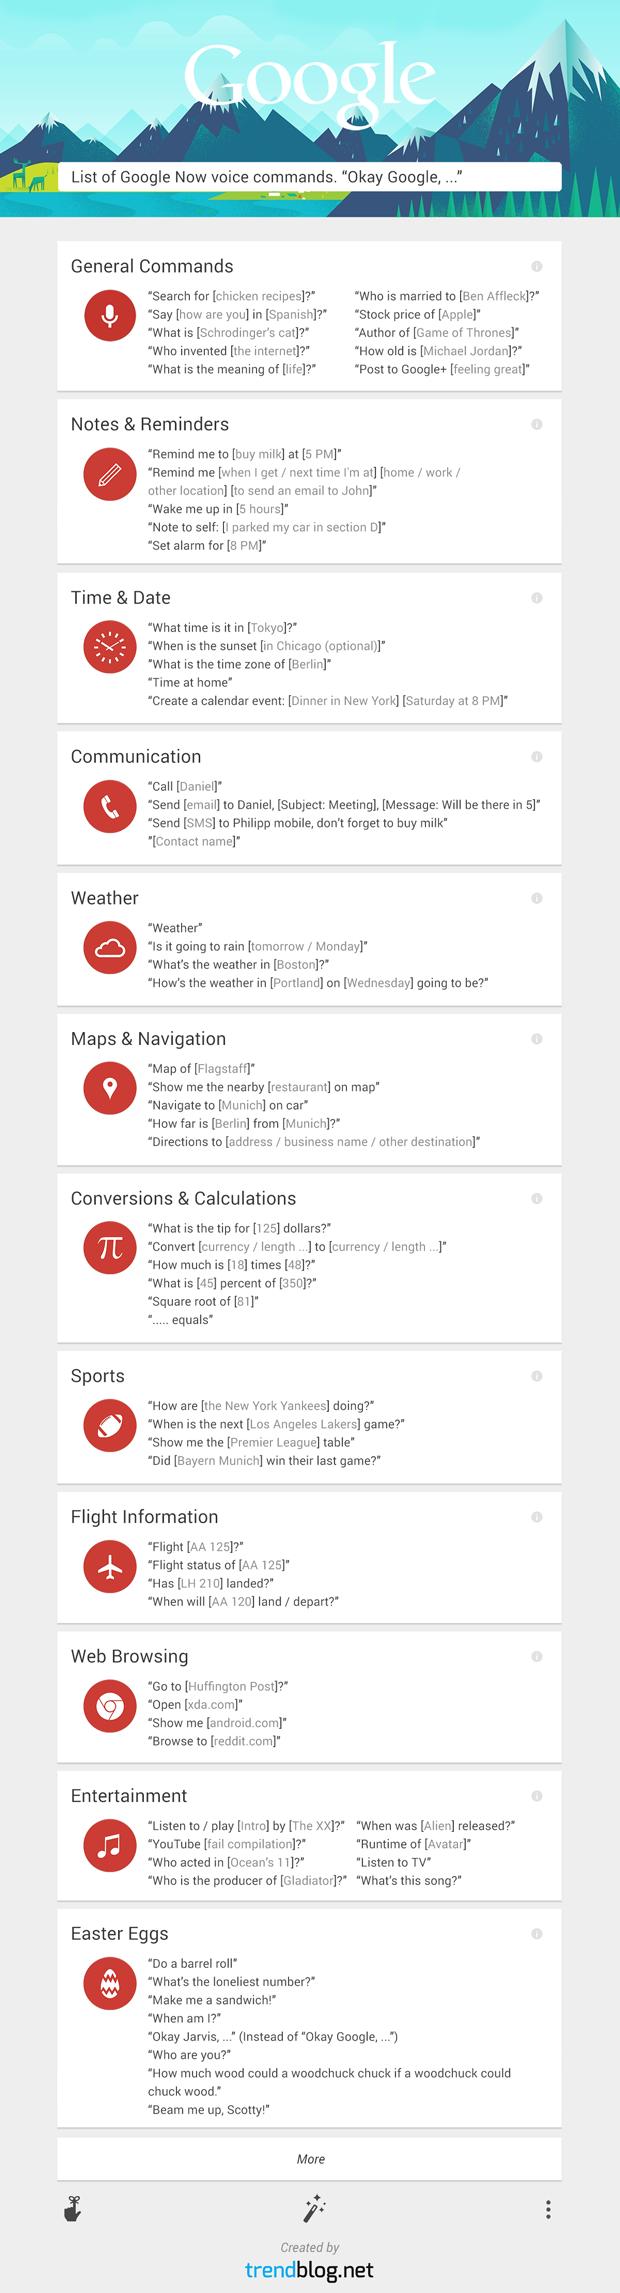 أنفوجرافيك يوضح جميع أوامر الصوتيه لـ Google now